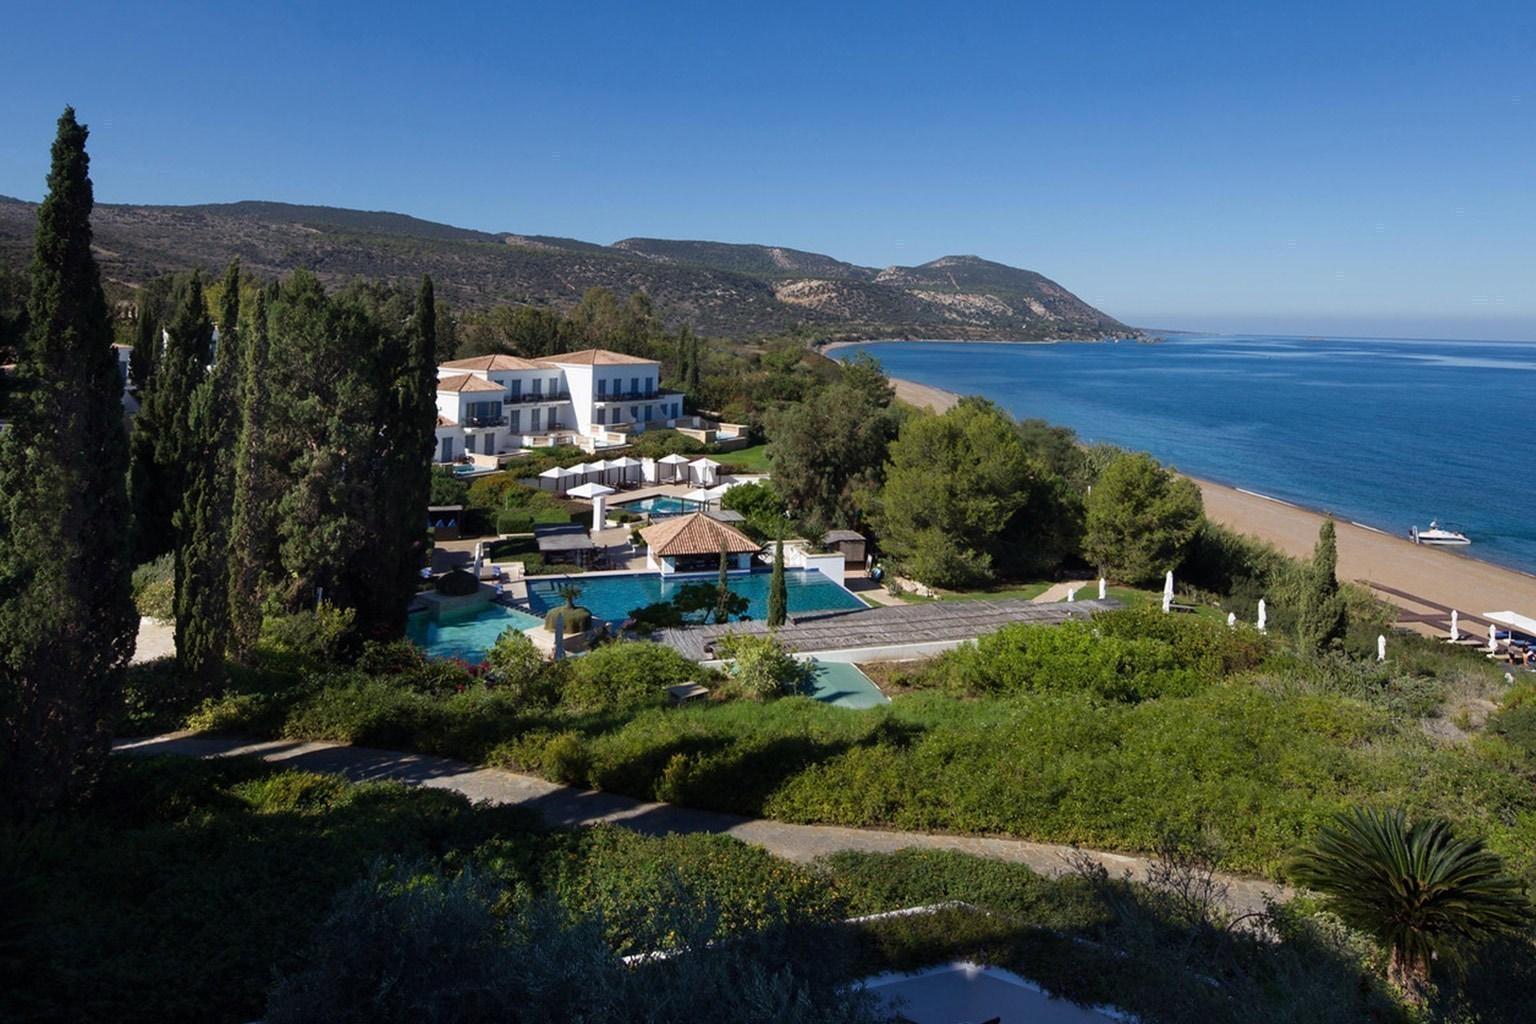 Anassa in zypern luxushotels bei designreisen for Design hotel zypern